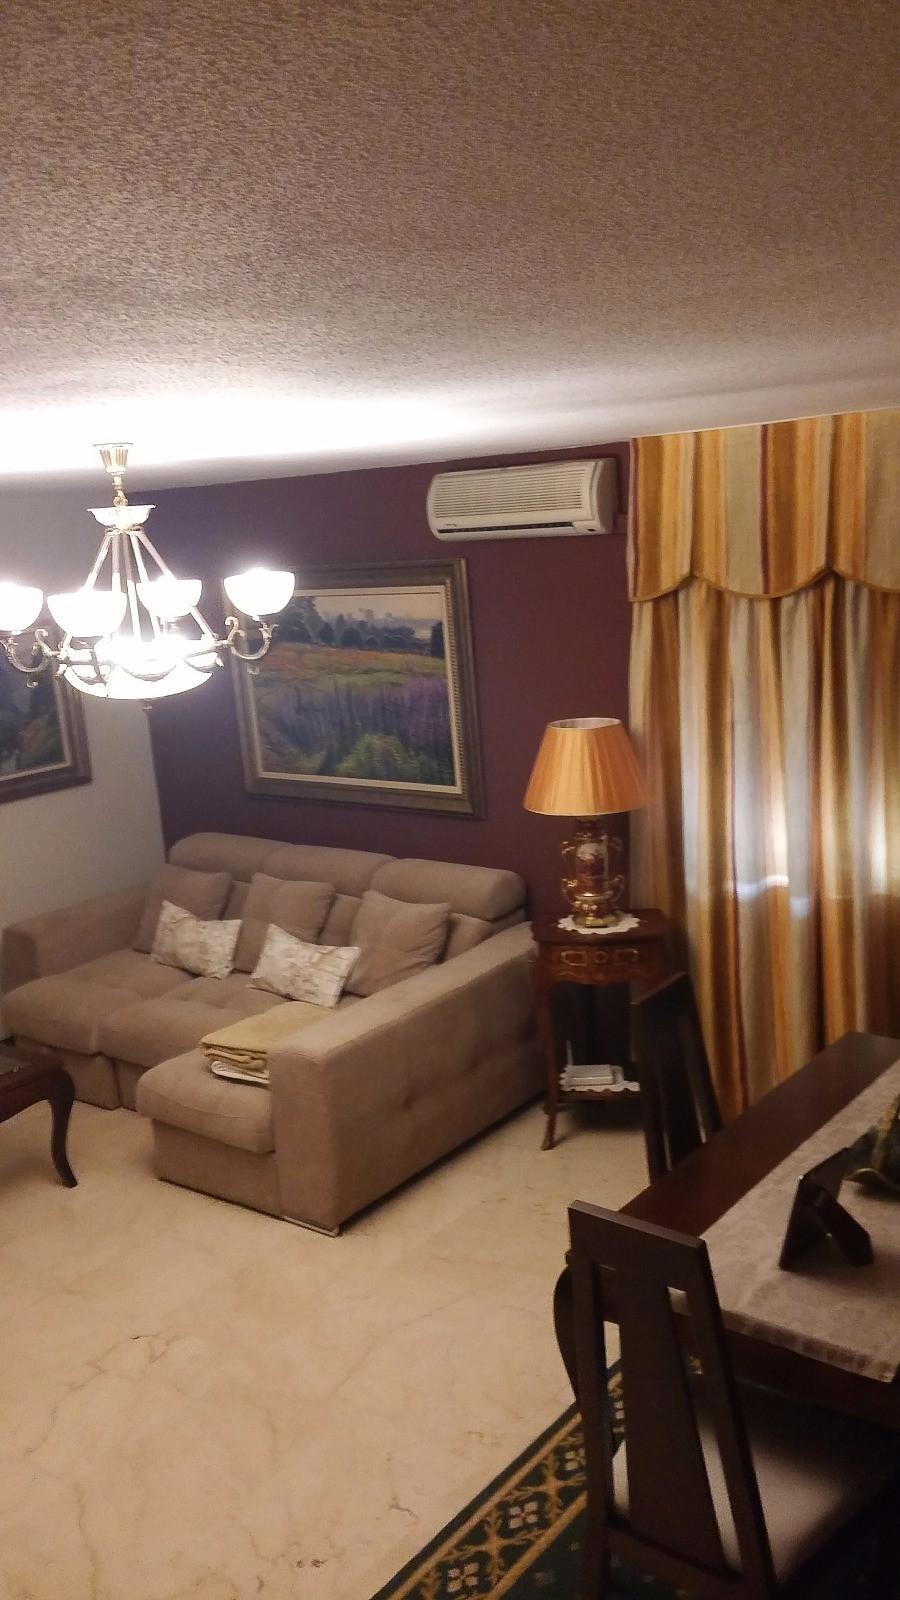 Piso Muy Amplio y luminoso , tiene 4 dormitorios y 2 banos , con plaza de garaje subteranea. situado,Spain